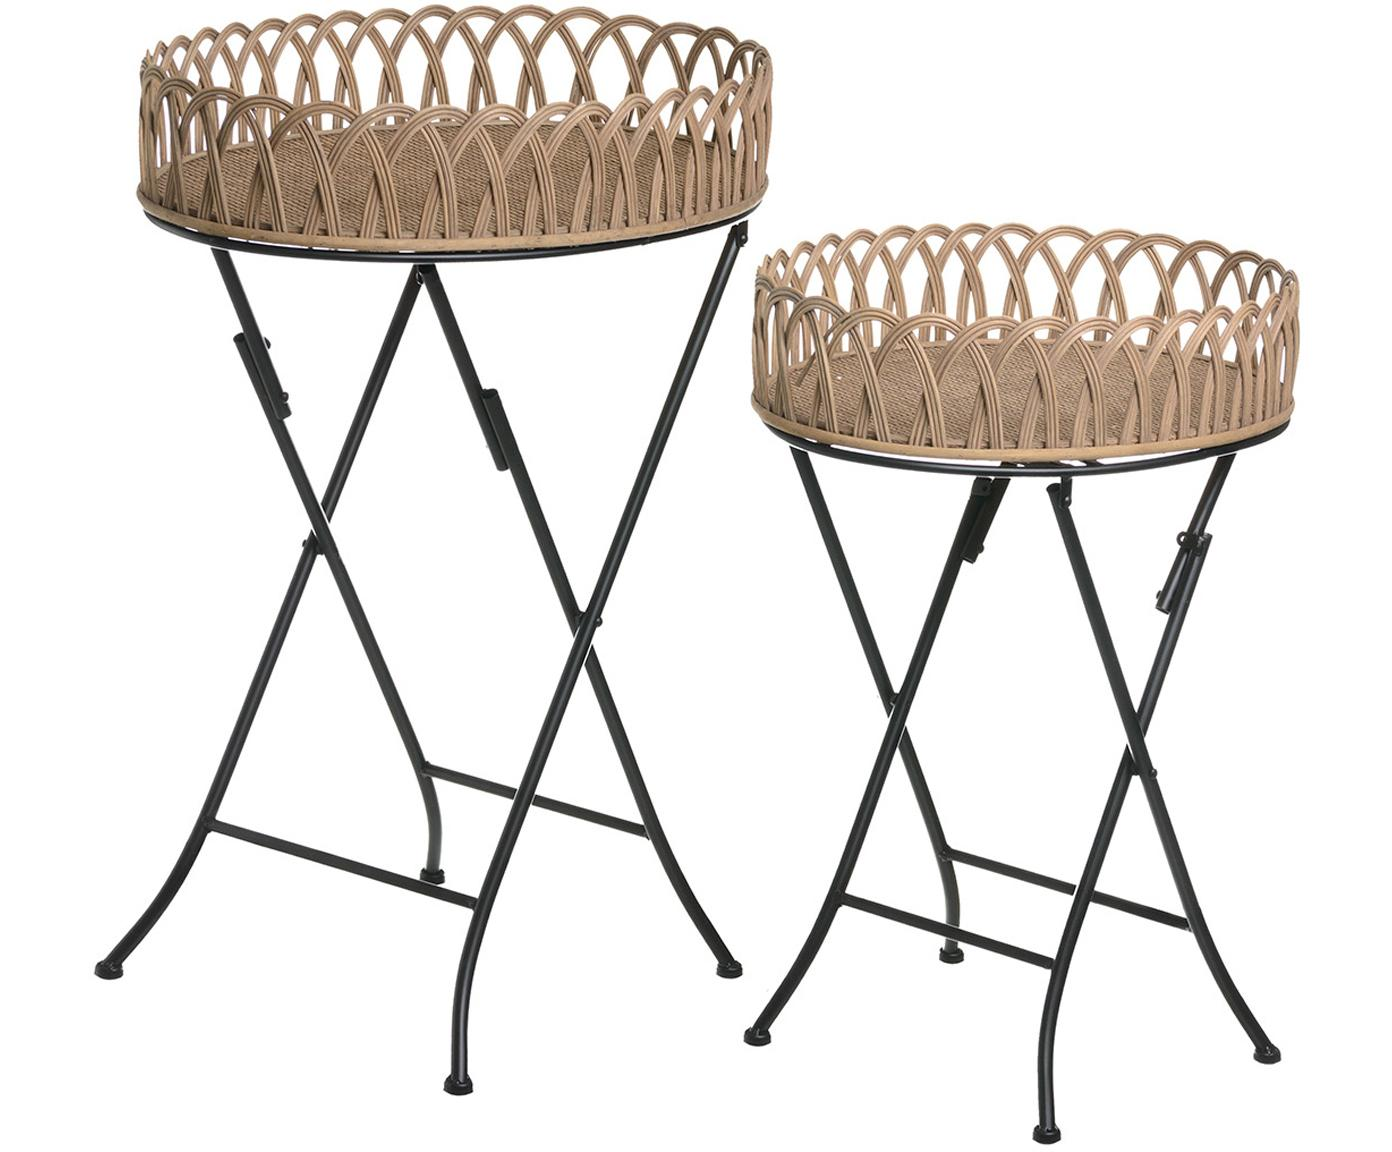 Set de mesas auxiliares Clappy, 2uds., Tablero: ratán, Patas: metal, Multicolor, Tamaños diferentes